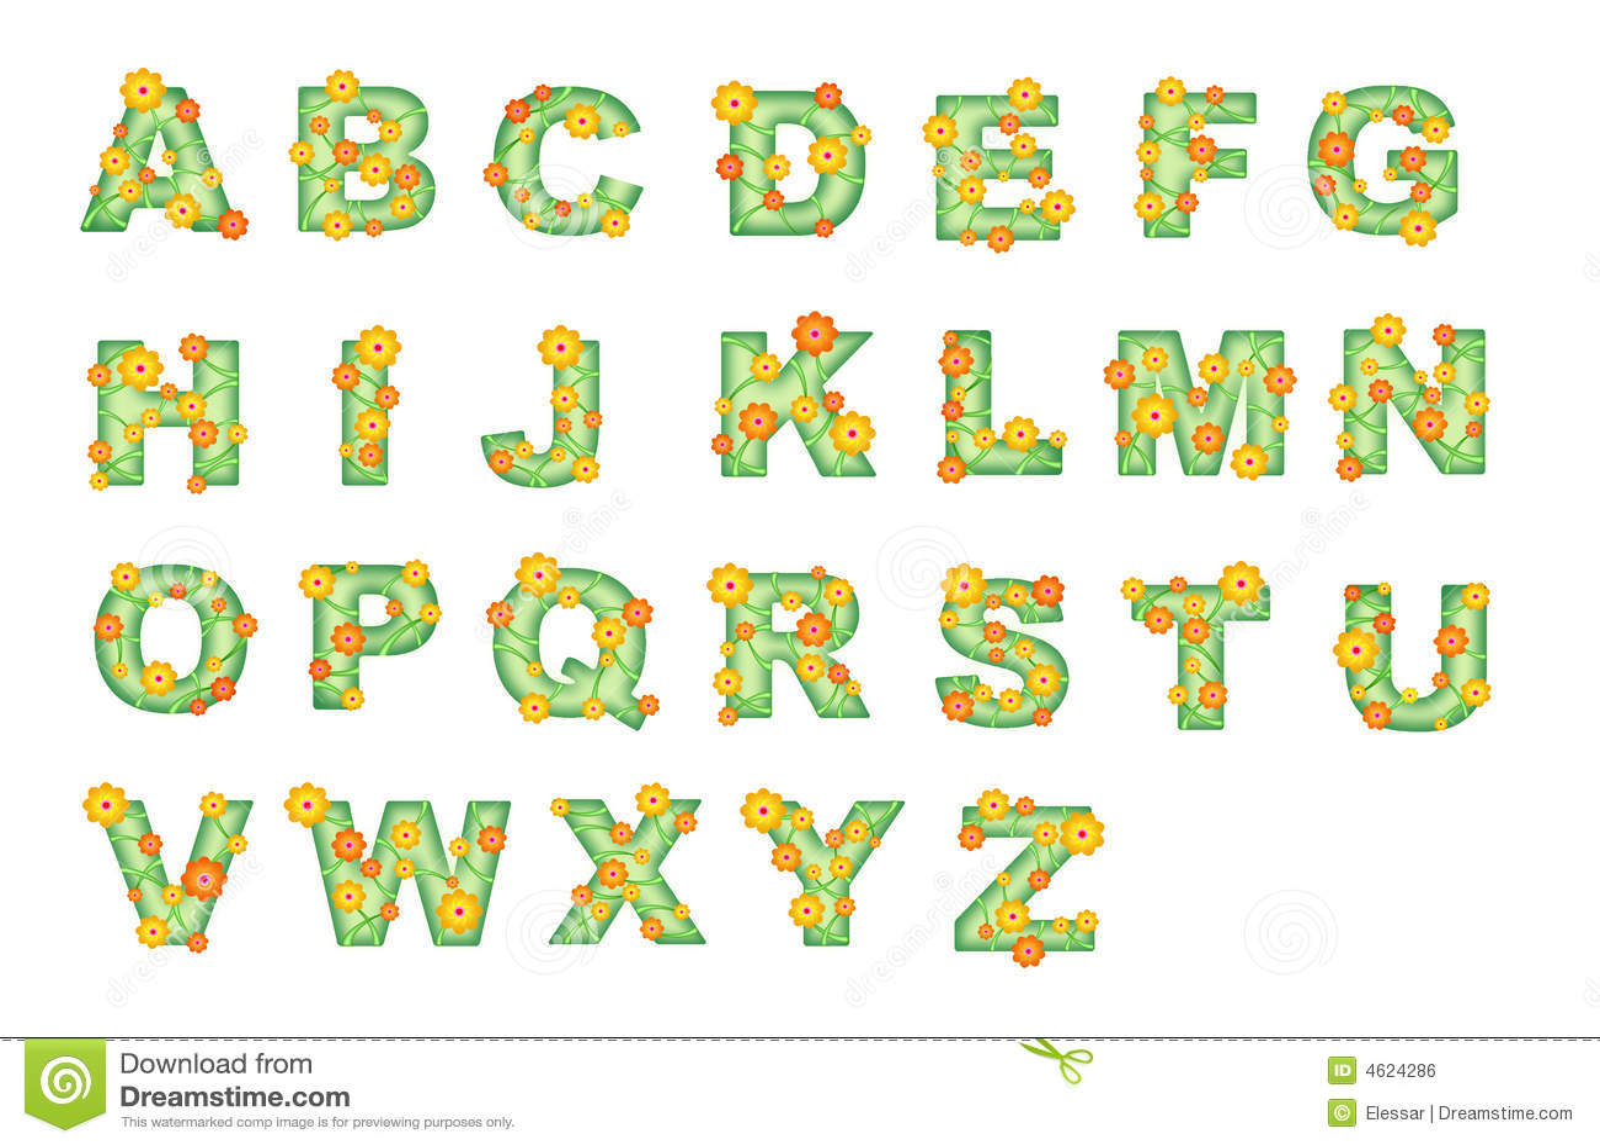 Flower Alphabet Royalty Free Stock Image Image